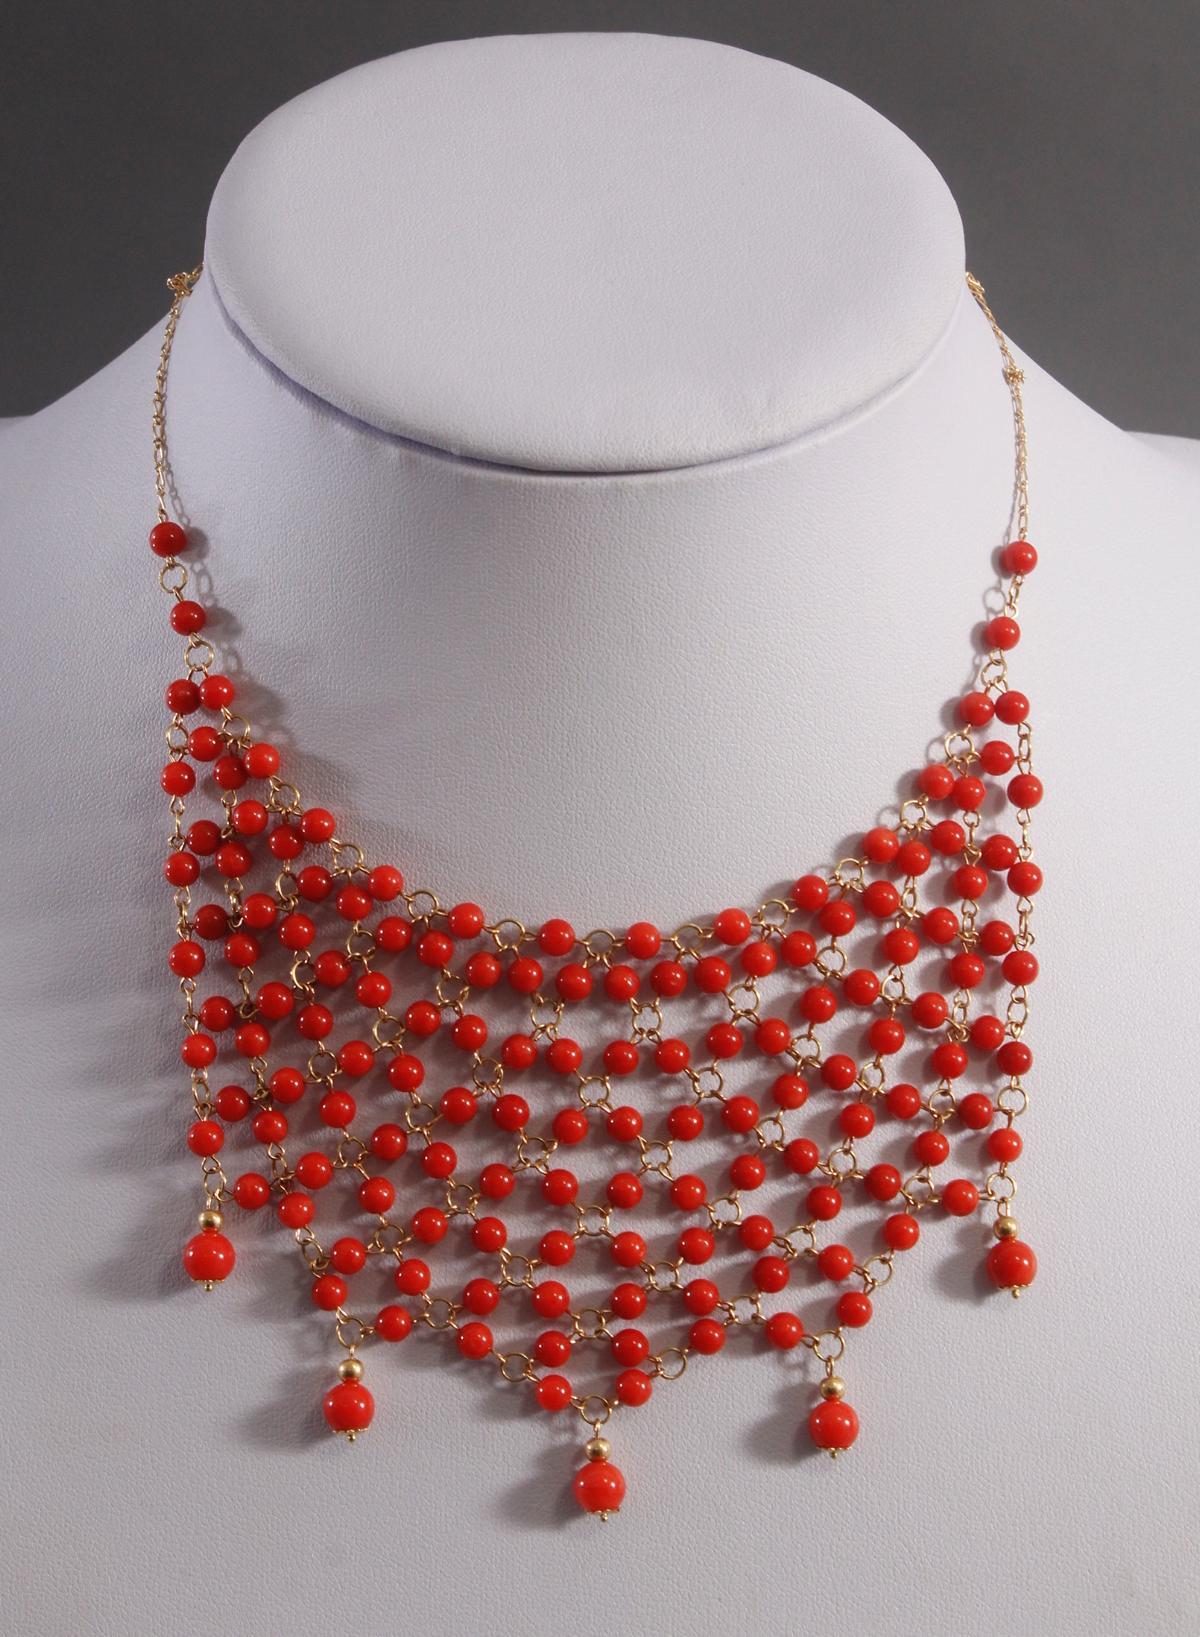 Collier mit roten Korallenkugeln aus 18 Karat Gelbgold